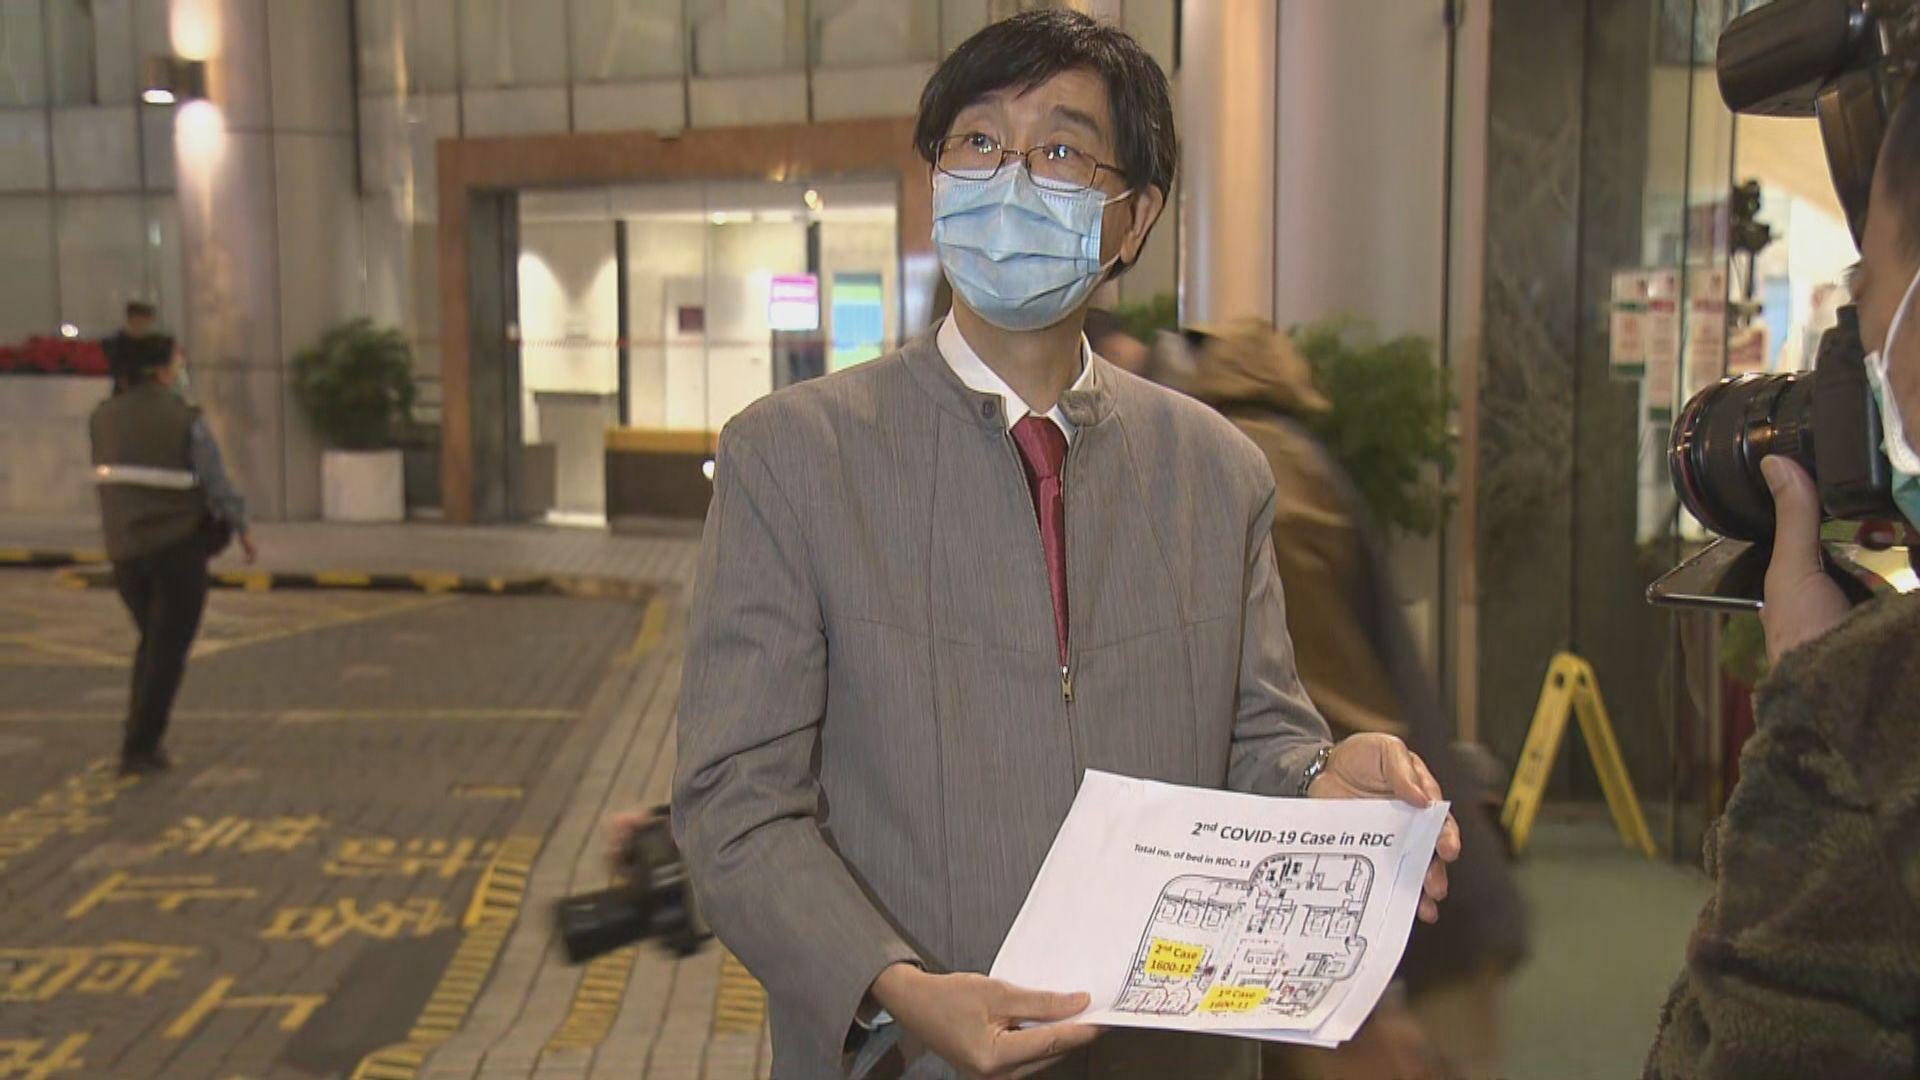 養和再有洗腎病人初步確診 袁國勇籲探病時避免脫口罩